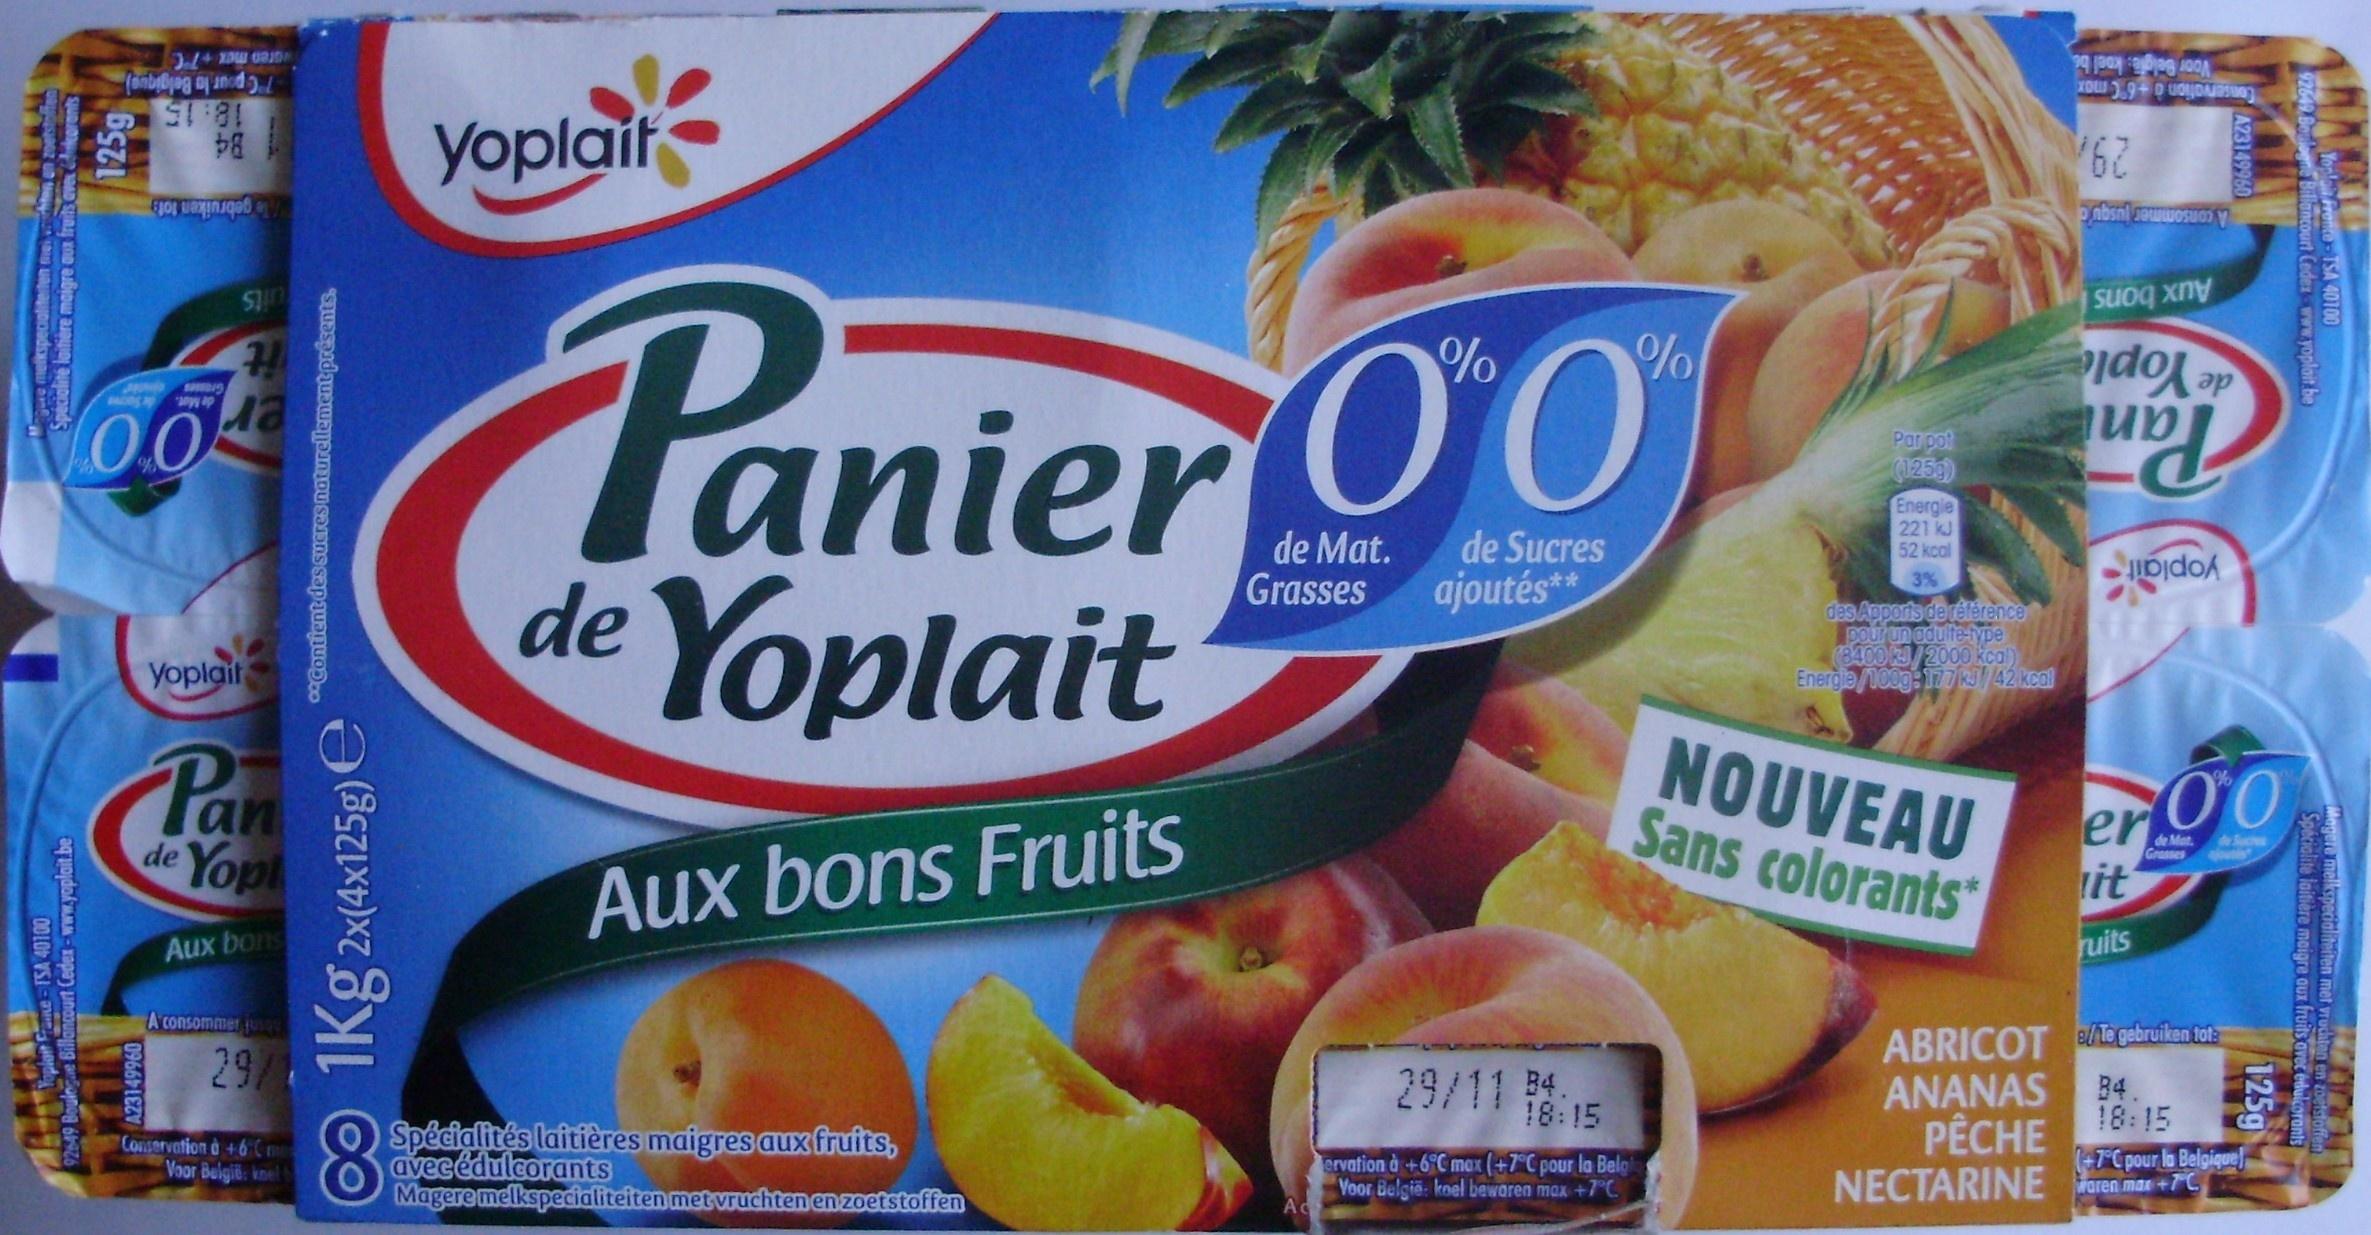 Paniers de Yoplait Aux Bons Fruits 0% mg - Product